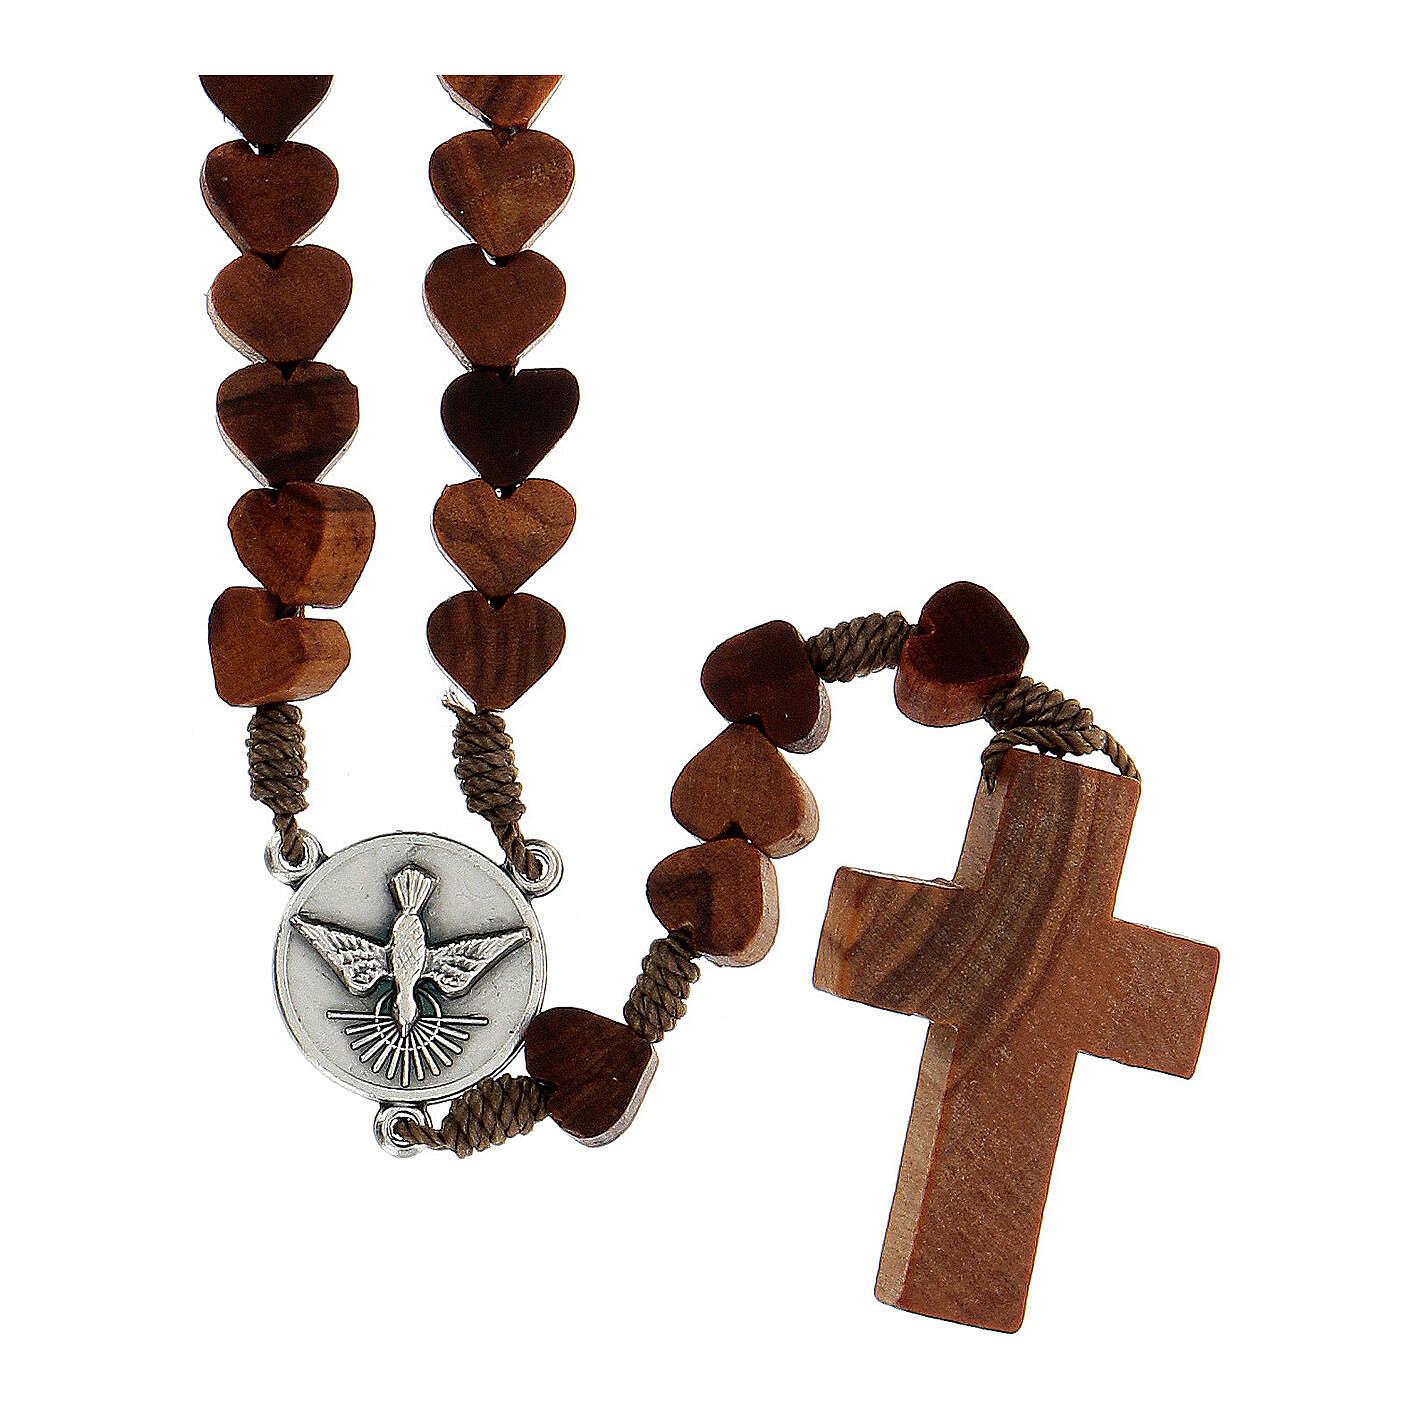 Rosario de Medjugorje con granos en forma de corazón de olivo atados con cuerda 4